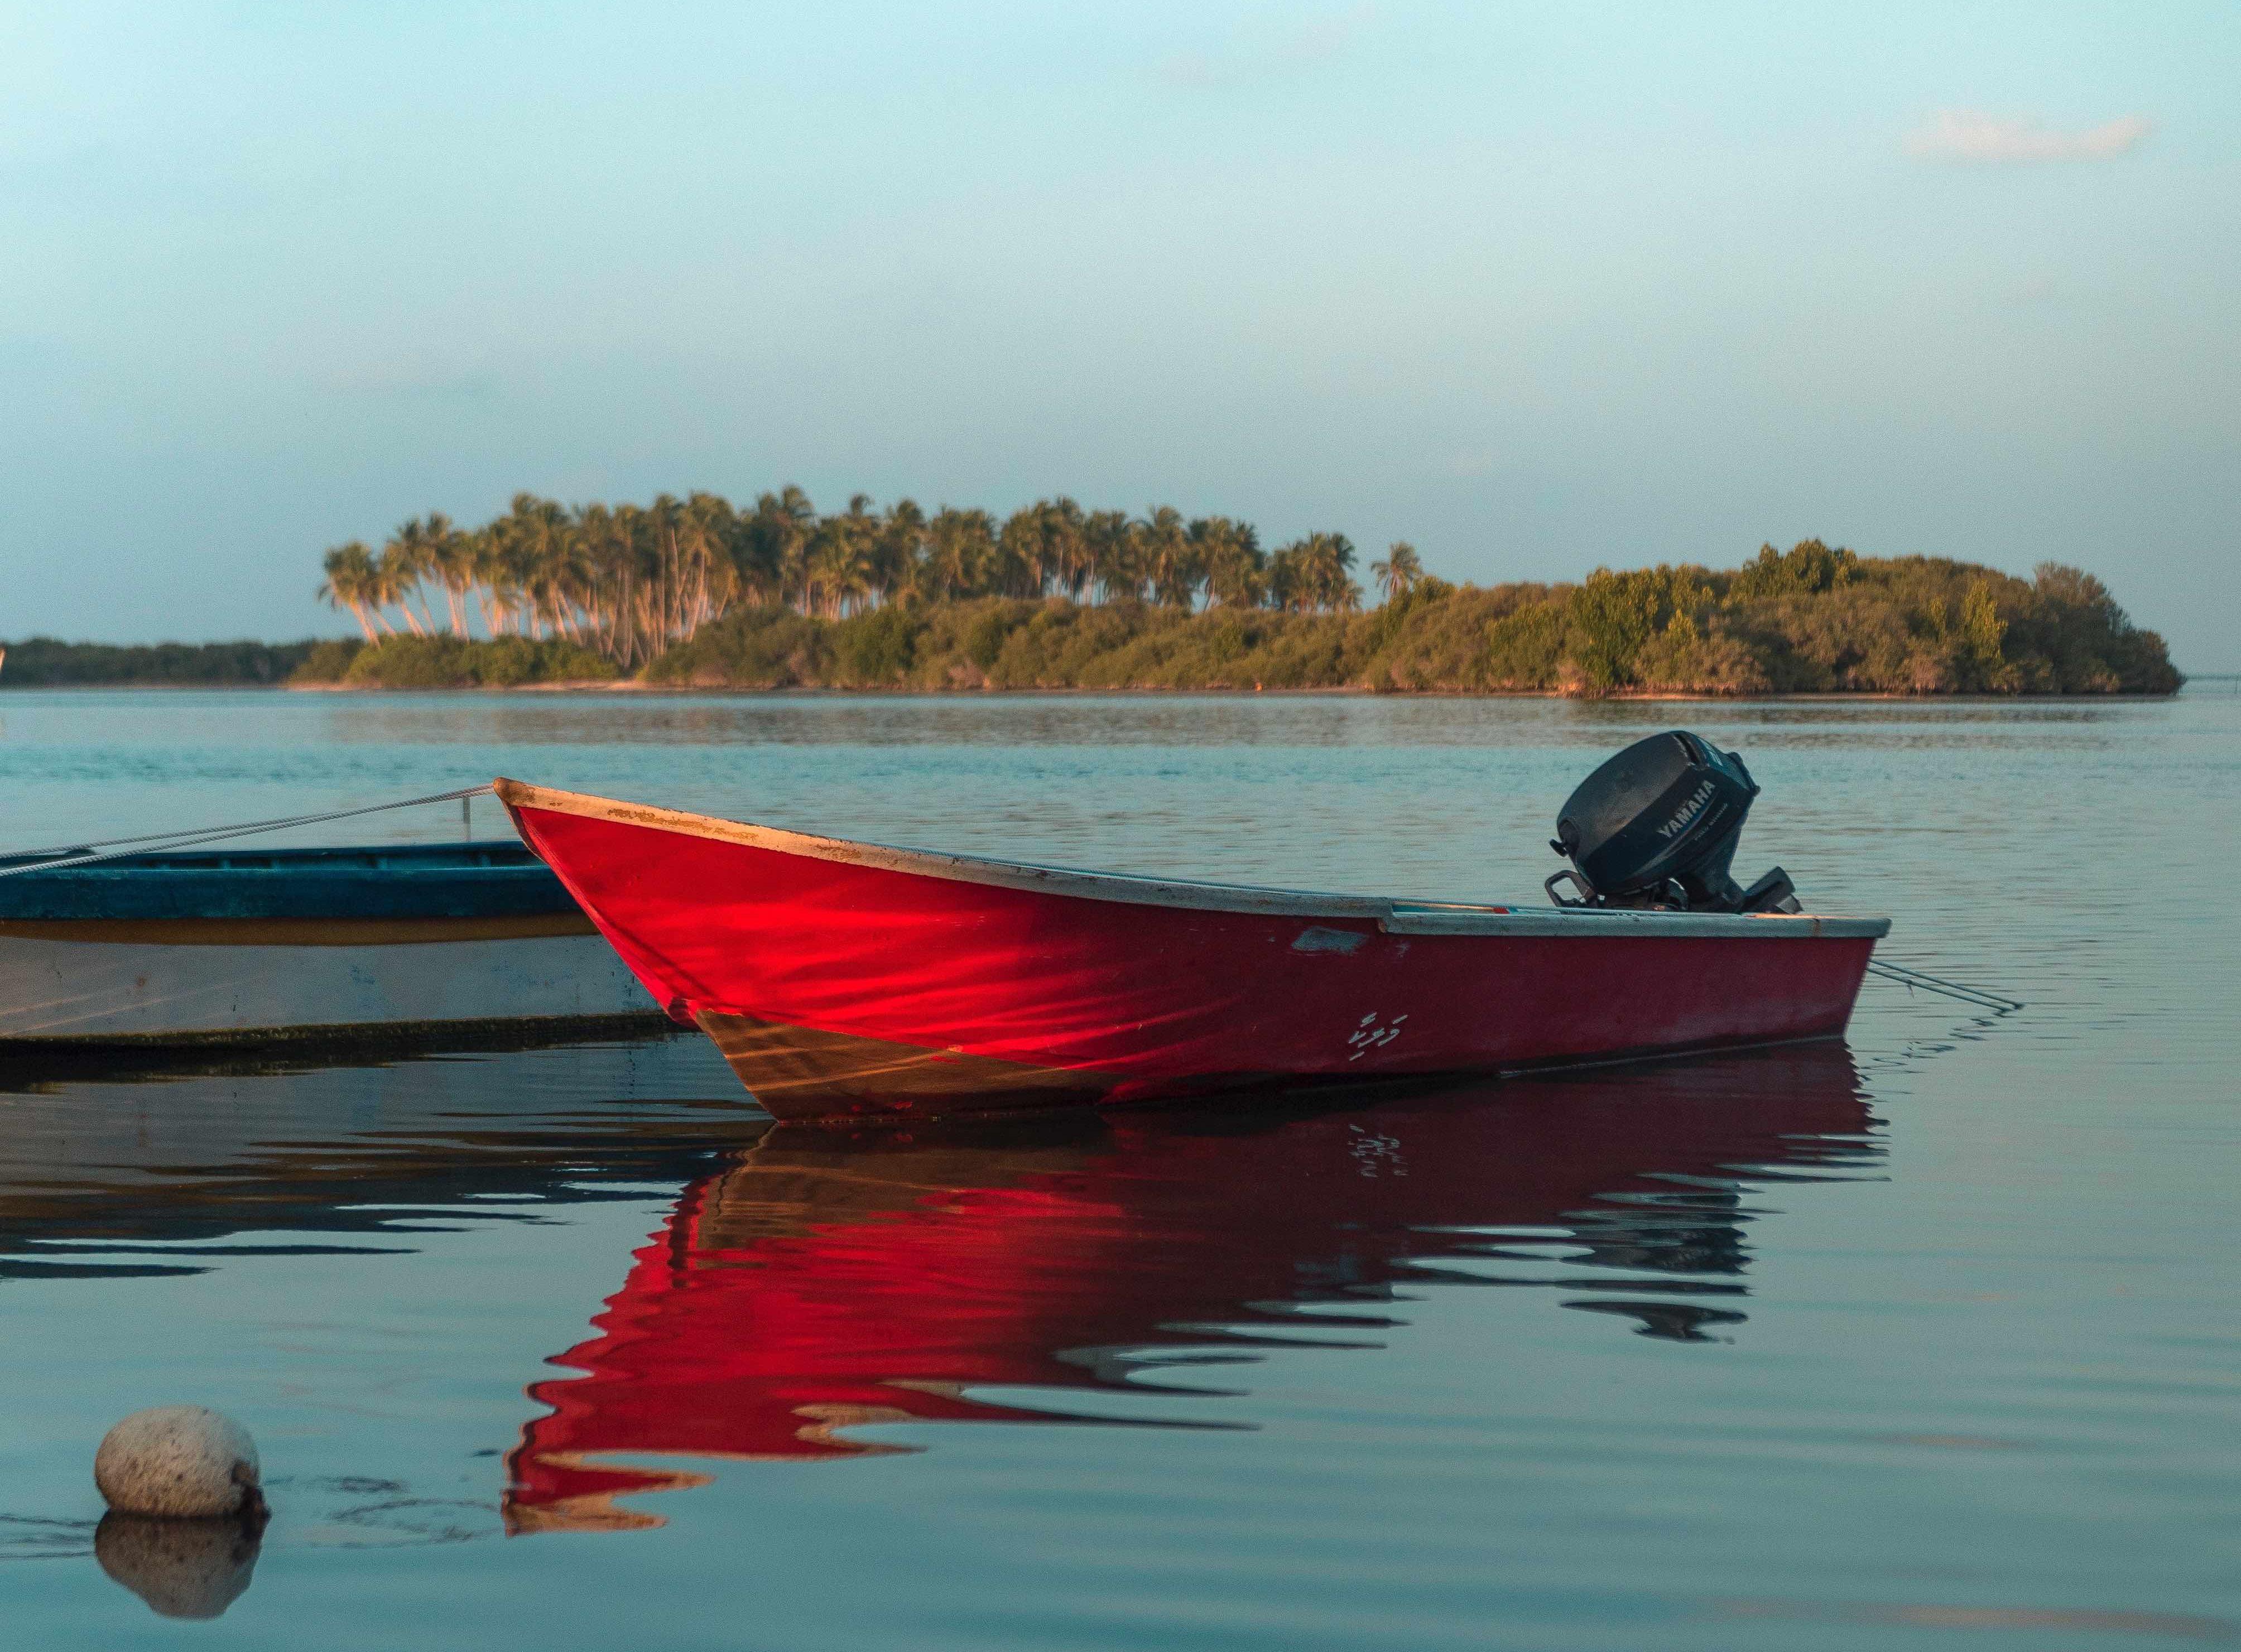 boat, båd, jolle, ship, water, ocean, sea, fjord, fiske